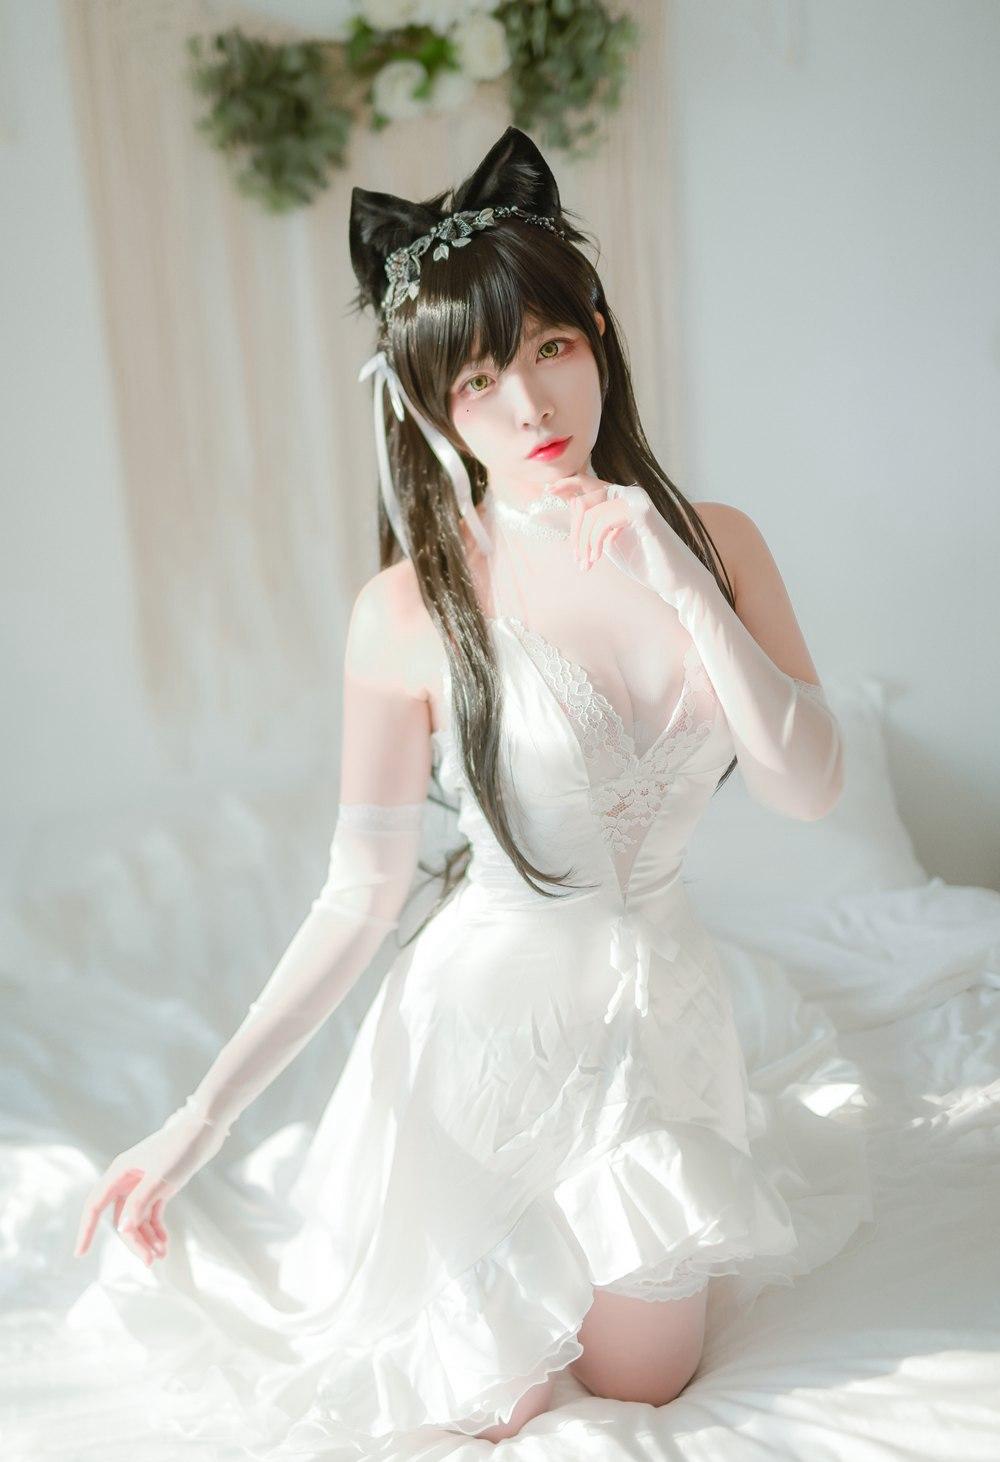 [喵糖映画] VOL.100 婚纱爱宕 [40P] -第1张